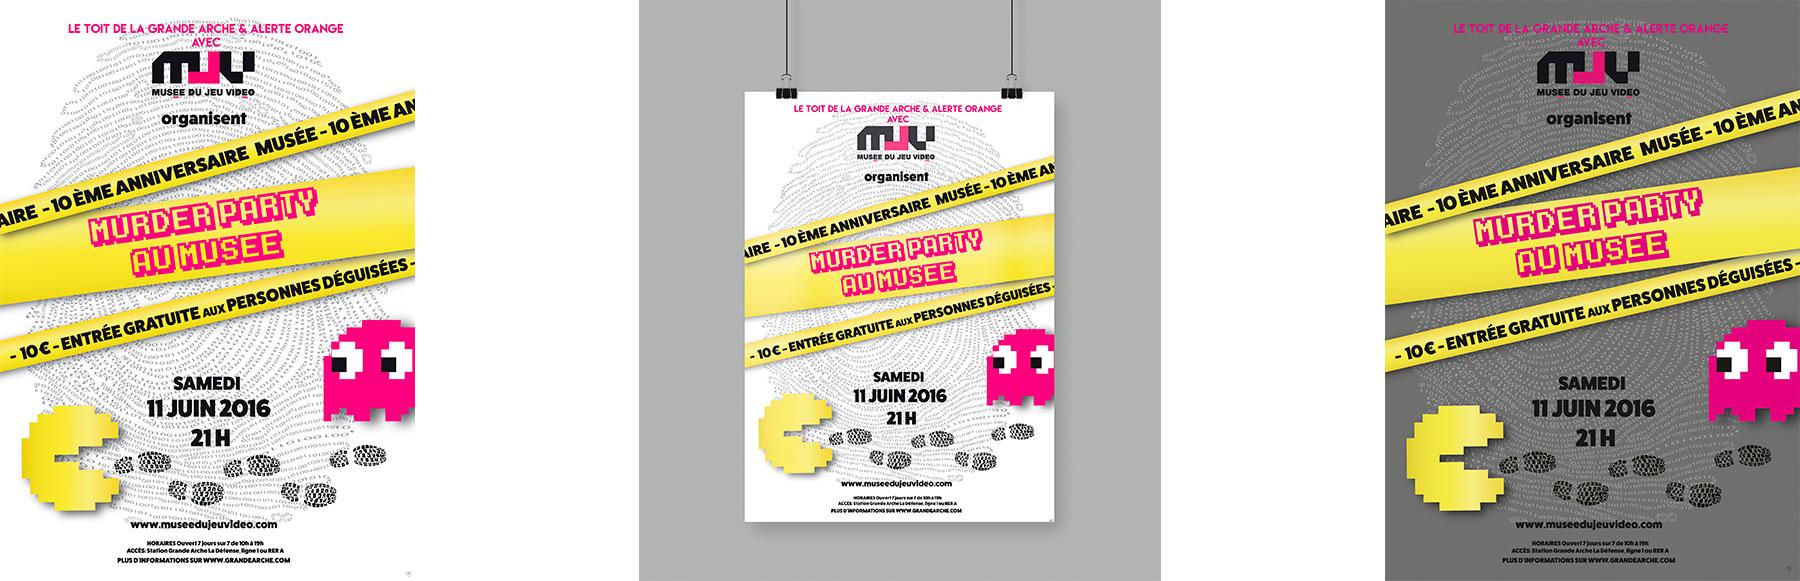 Cette image représente l'affiche pour une murder party en 2 versions